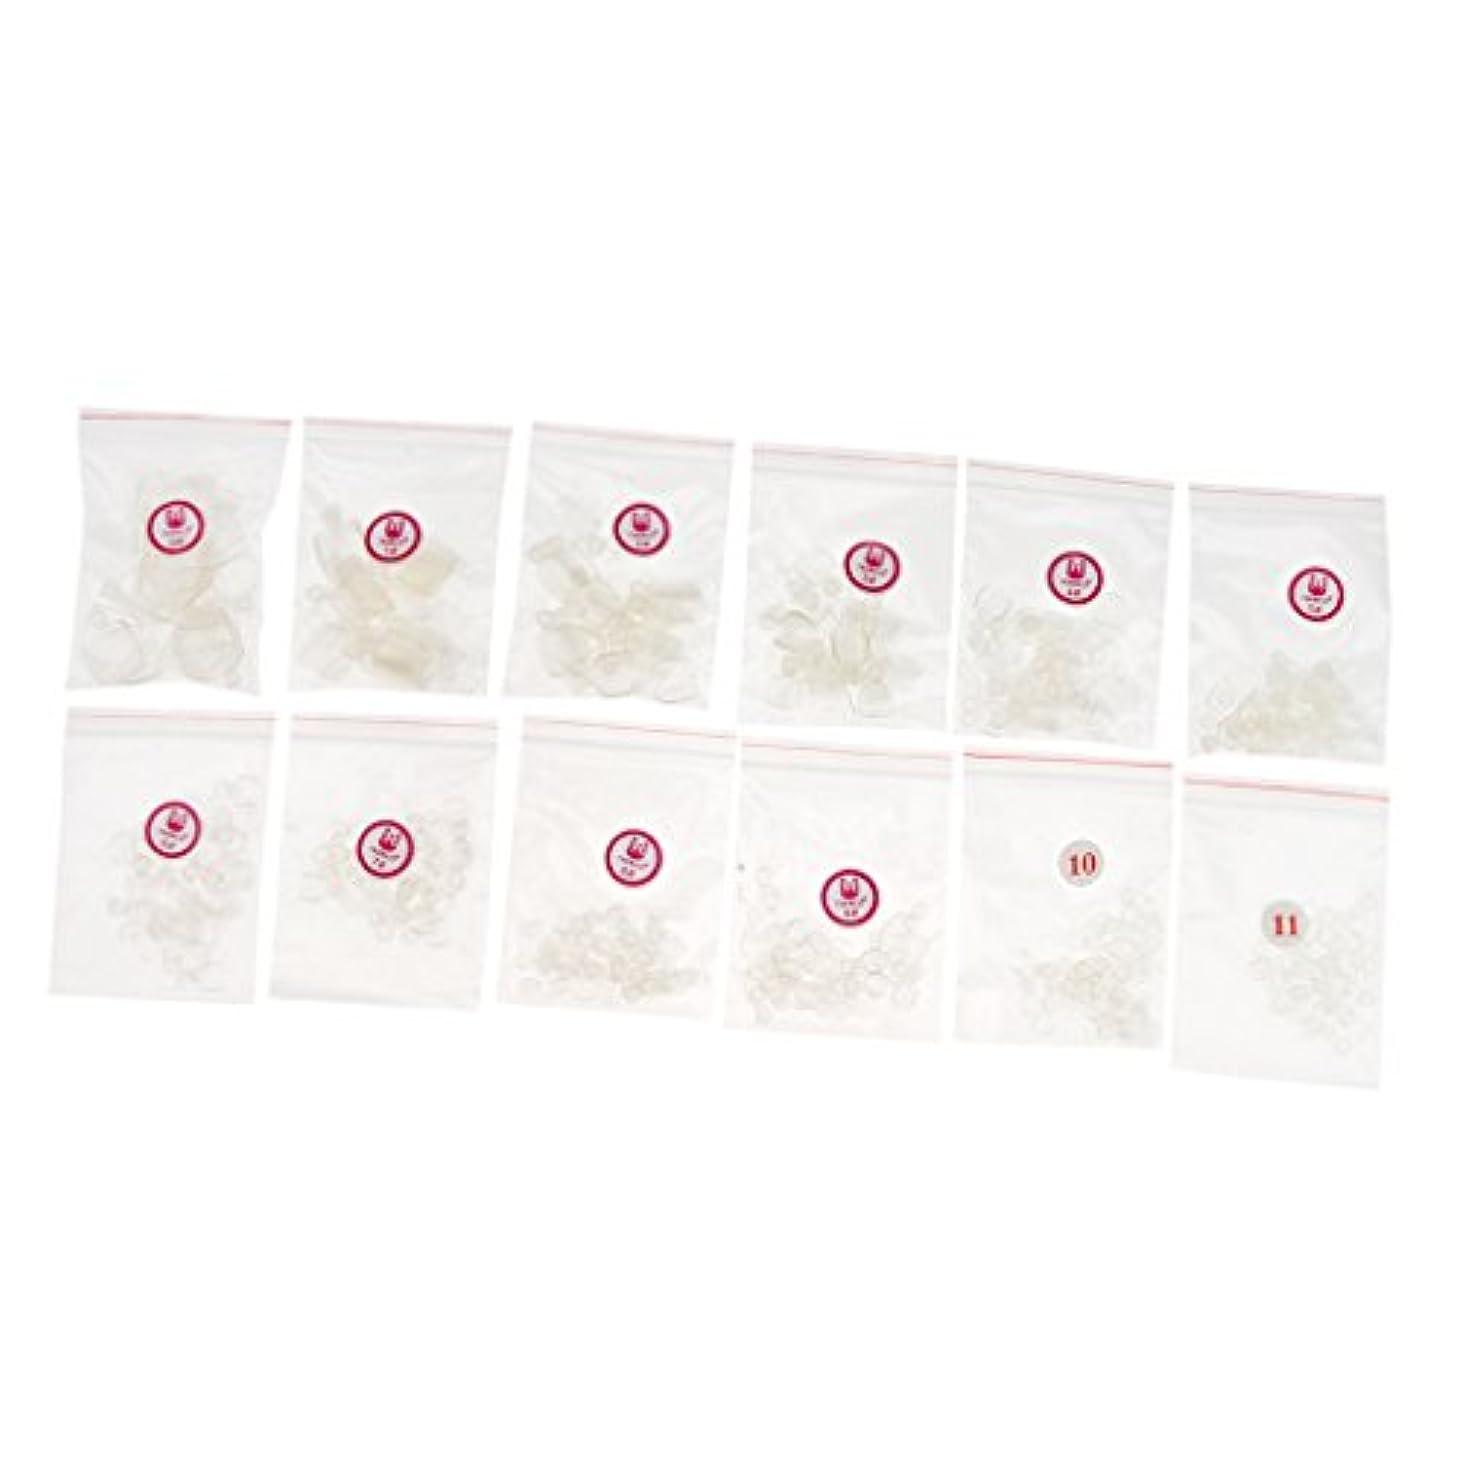 金銭的な思い出させるスコットランド人Fenteer 約504個 ネイルチップ 人工爪 ヒント  ネイルアート トレーニング プラスチック製 マニキュアデザイン 3色選べる - クリア